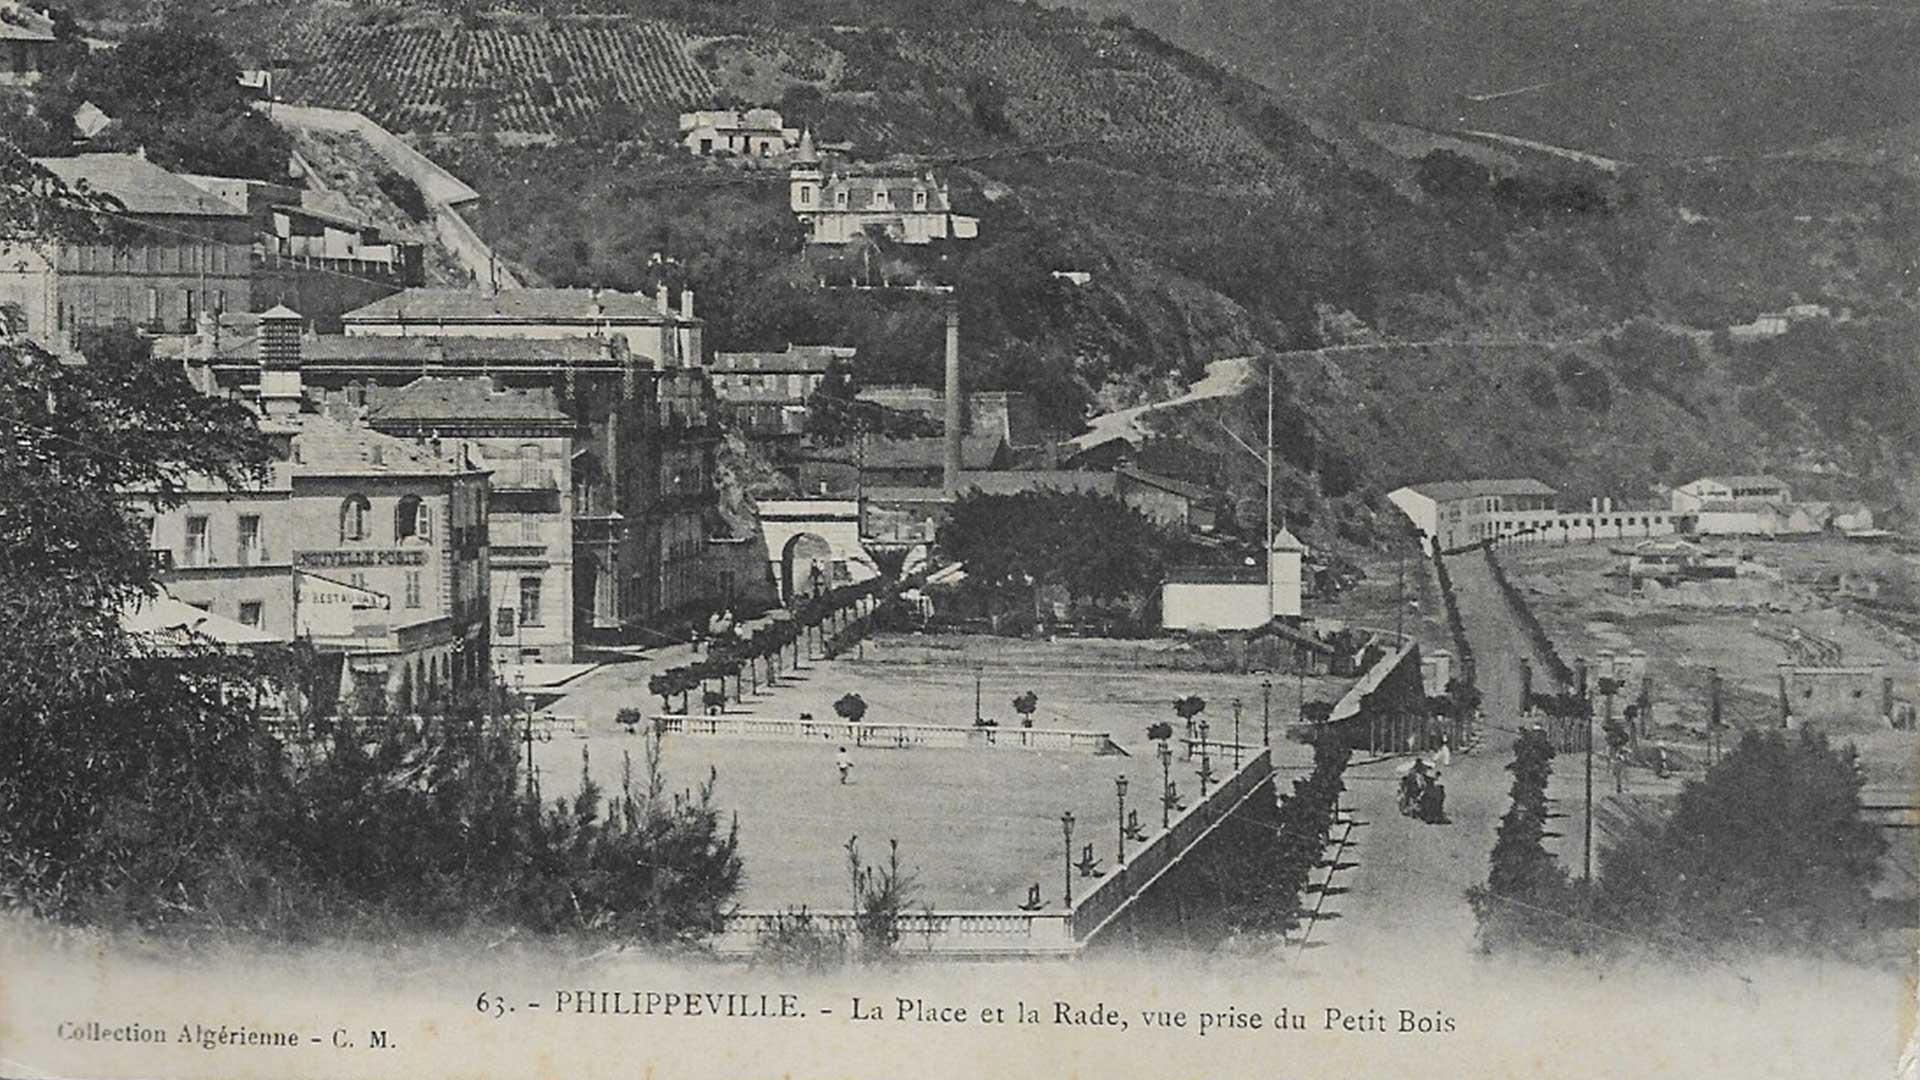 Philippeville-place-et-la-rade